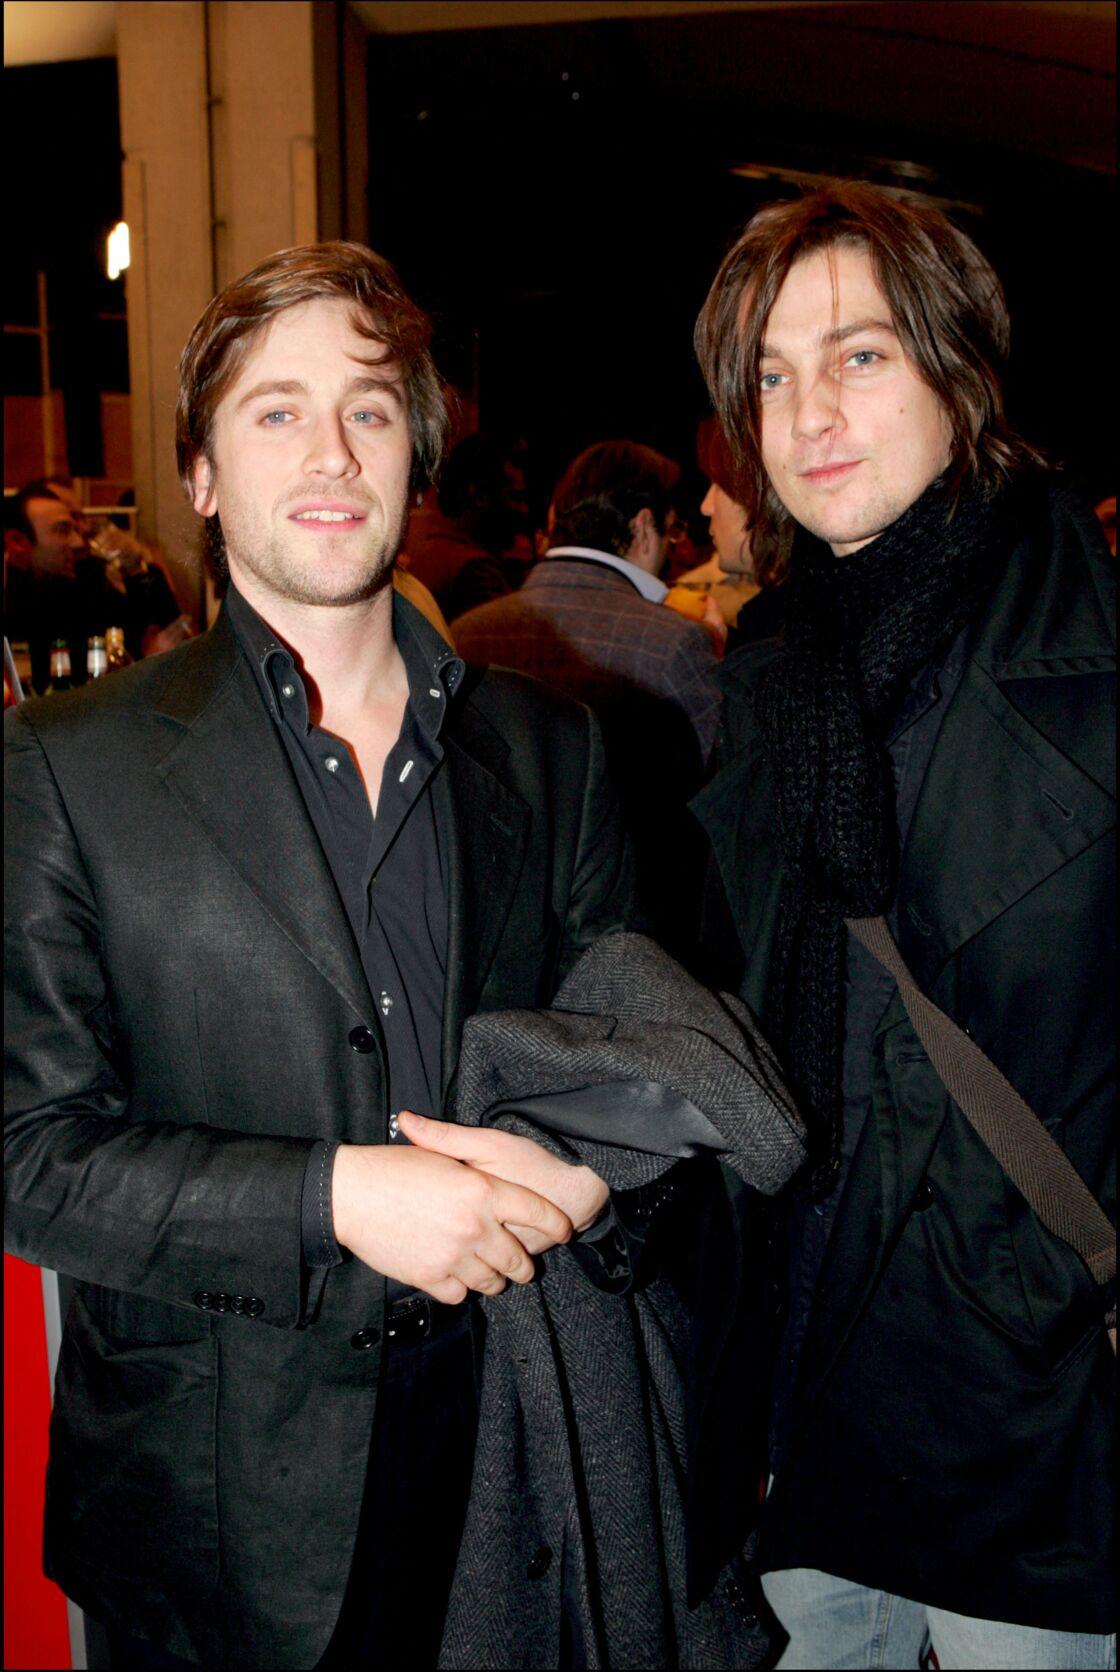 Thomas Dutronc avec le père de la fille de Zazie, Fabien Cahen, le 31 janvier 2005